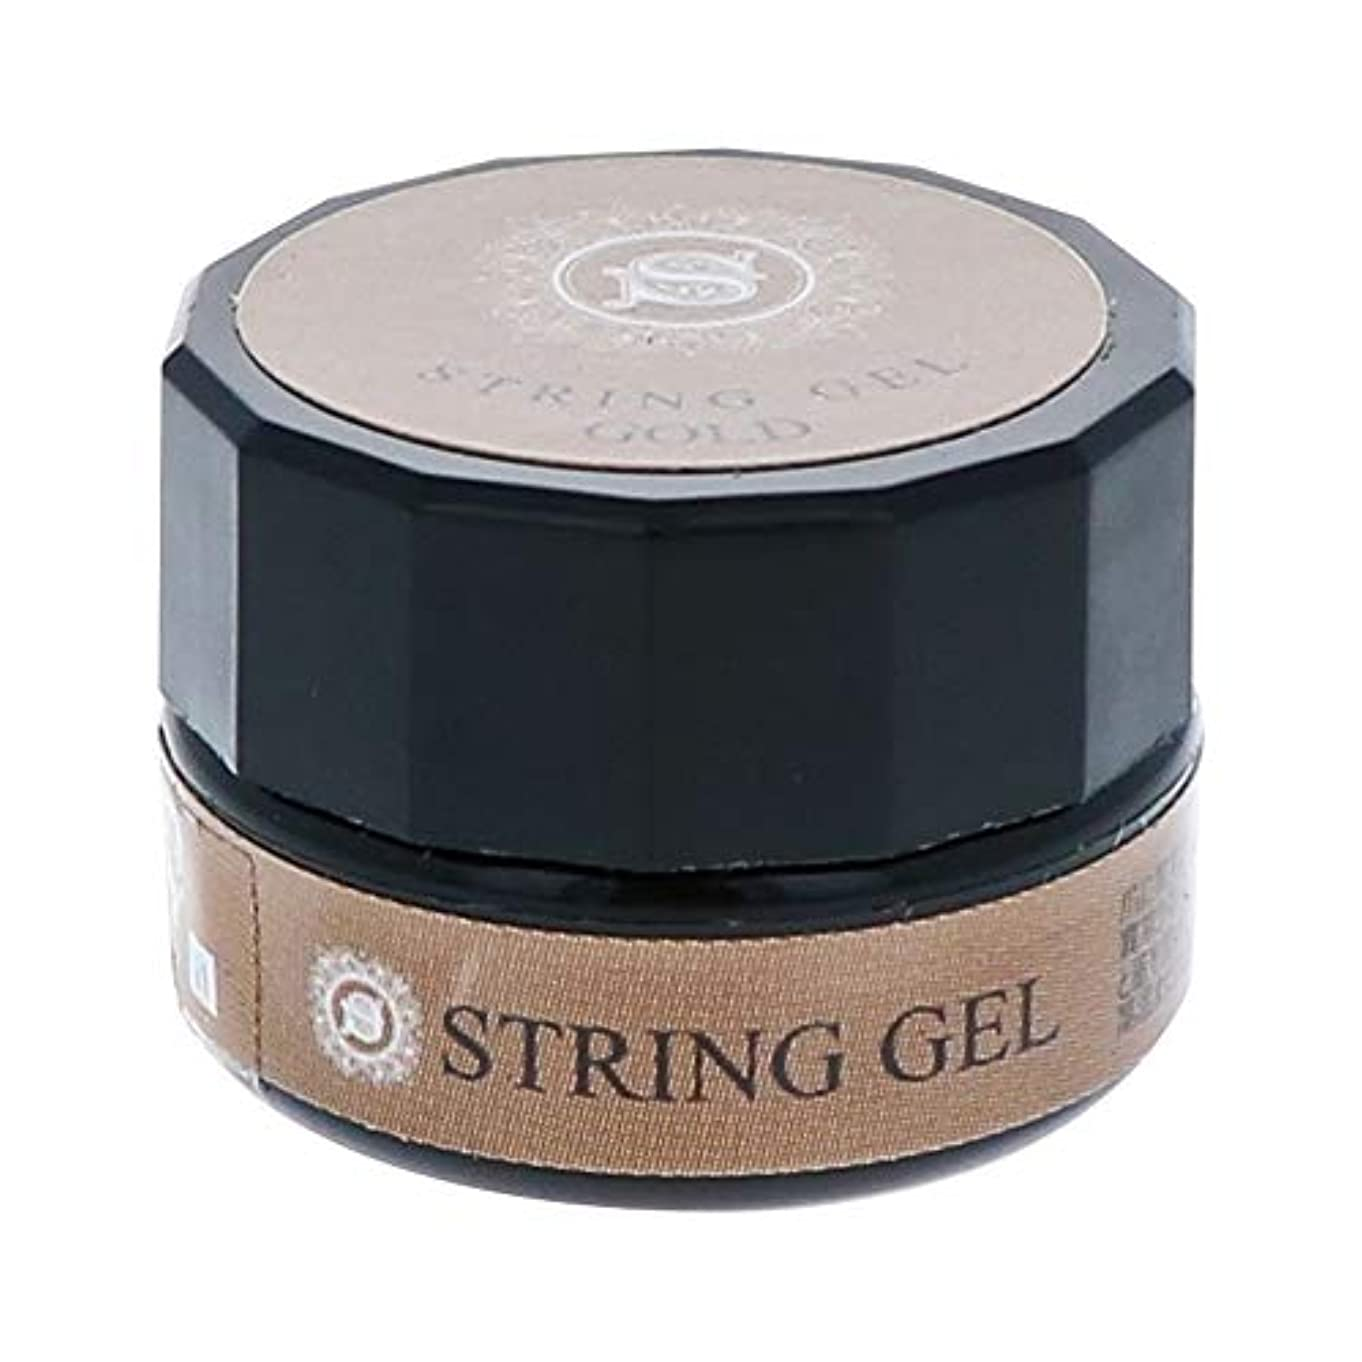 エゴイズム冬かすれたビューティーネイラー simply string gel (gold) 2.5g QSG-1 ジェルネイル